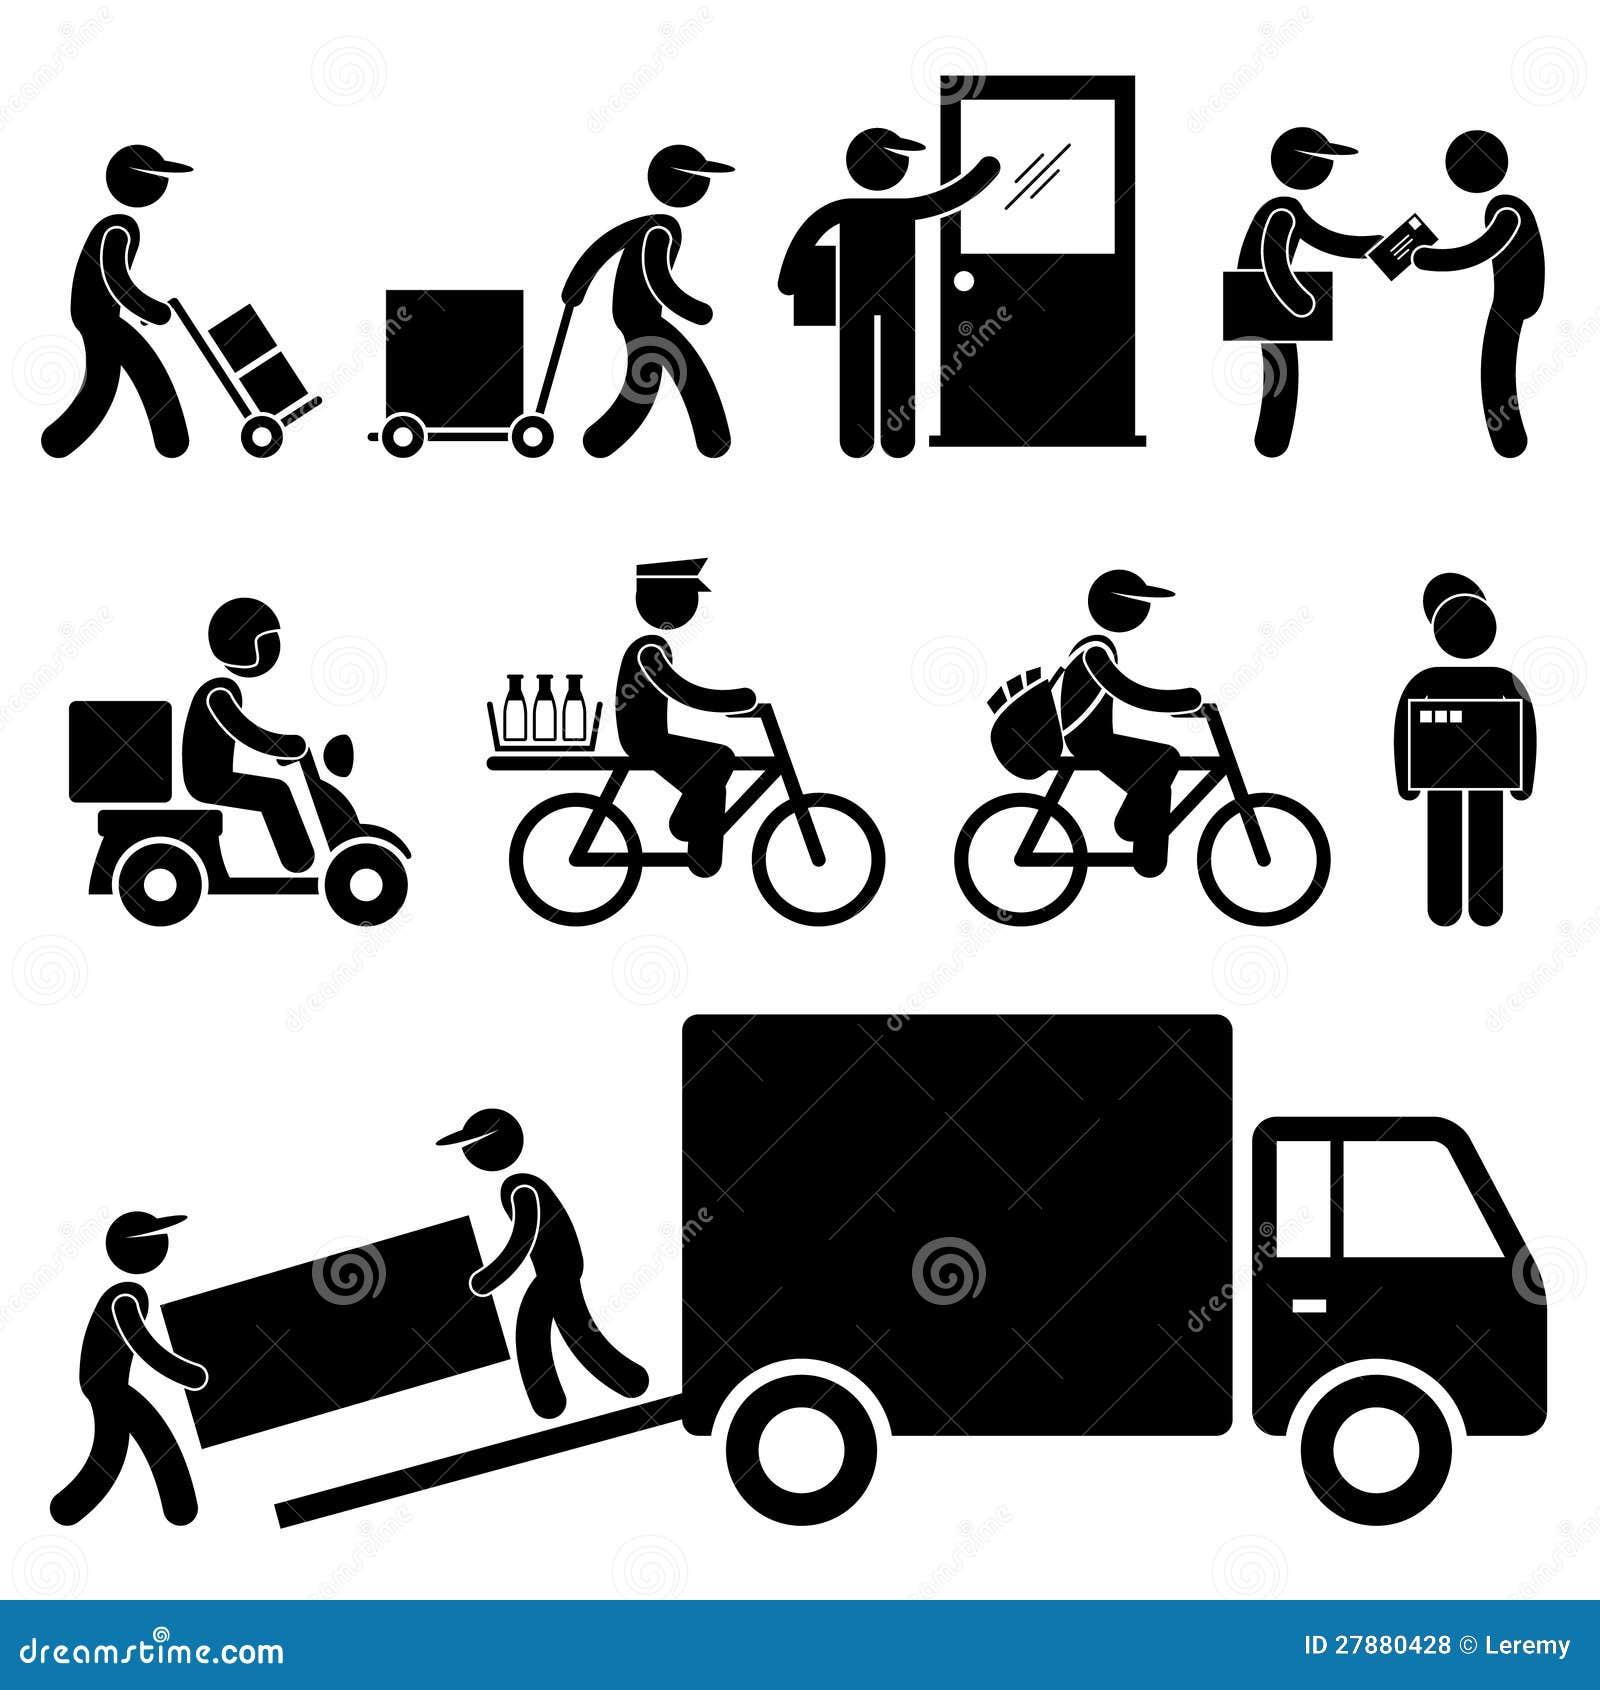 Pictogram столба курьера почтальона работника доставляющего покупки на дом